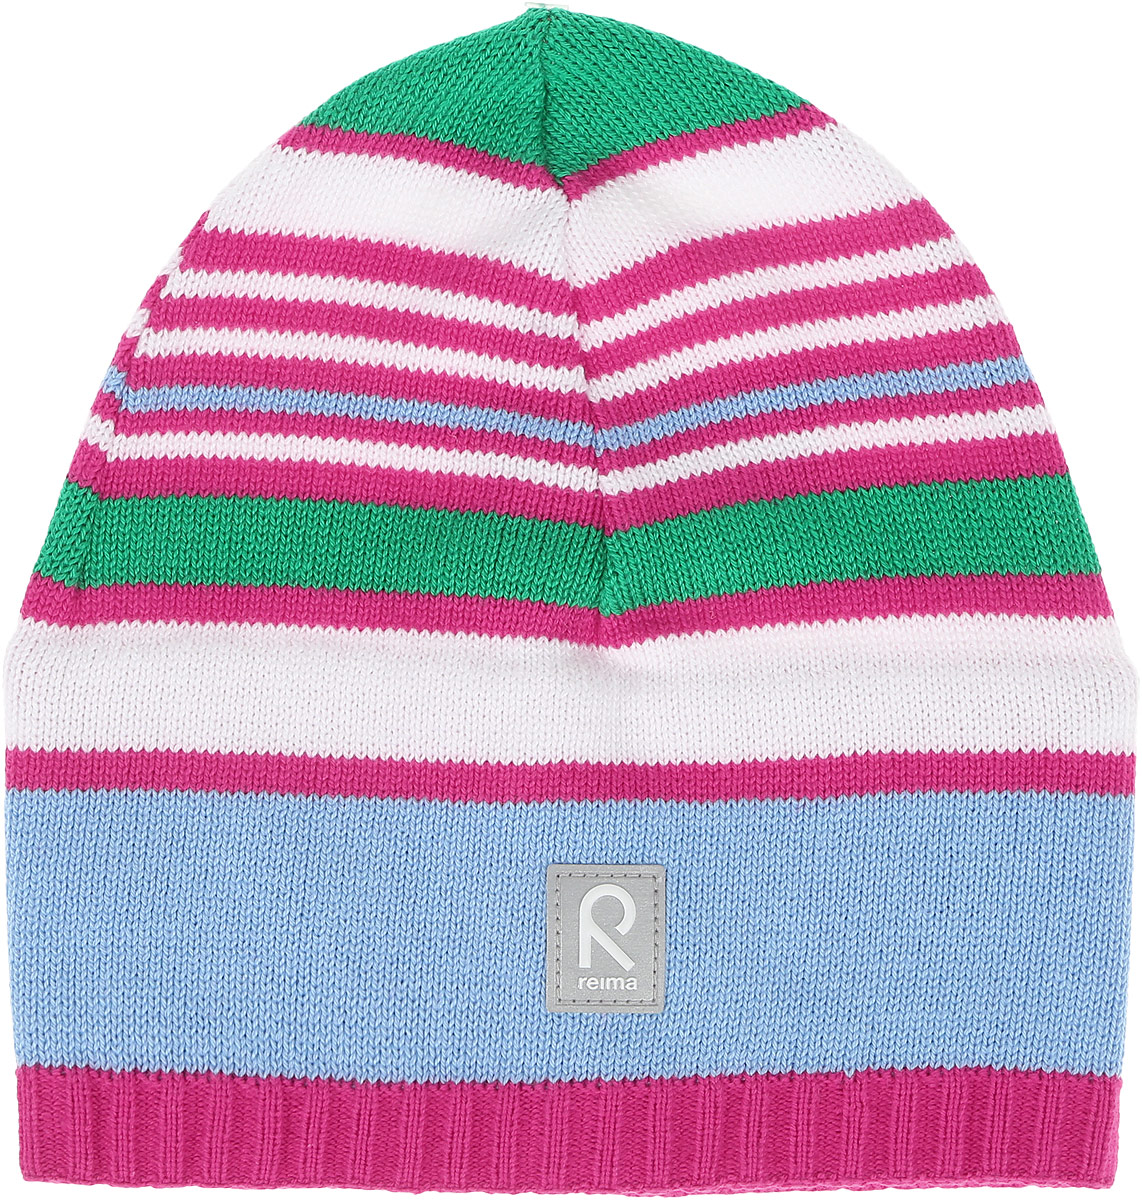 Шапка детская Reima Datoline, цвет: розовый, голубой, белый. 528510462A. Размер 52528510462AУдобная трикотажная шапка из хлопка подойдет на все случаи жизни. Полуподкладка из хлопчатобумажного трикотажа гарантирует тепло, а ветронепроницаемые вставки между верхним слоем и подкладкой защищают уши. Светоотражающая эмблема спереди позволяет лучше разглядеть ребенка после захода солнца.